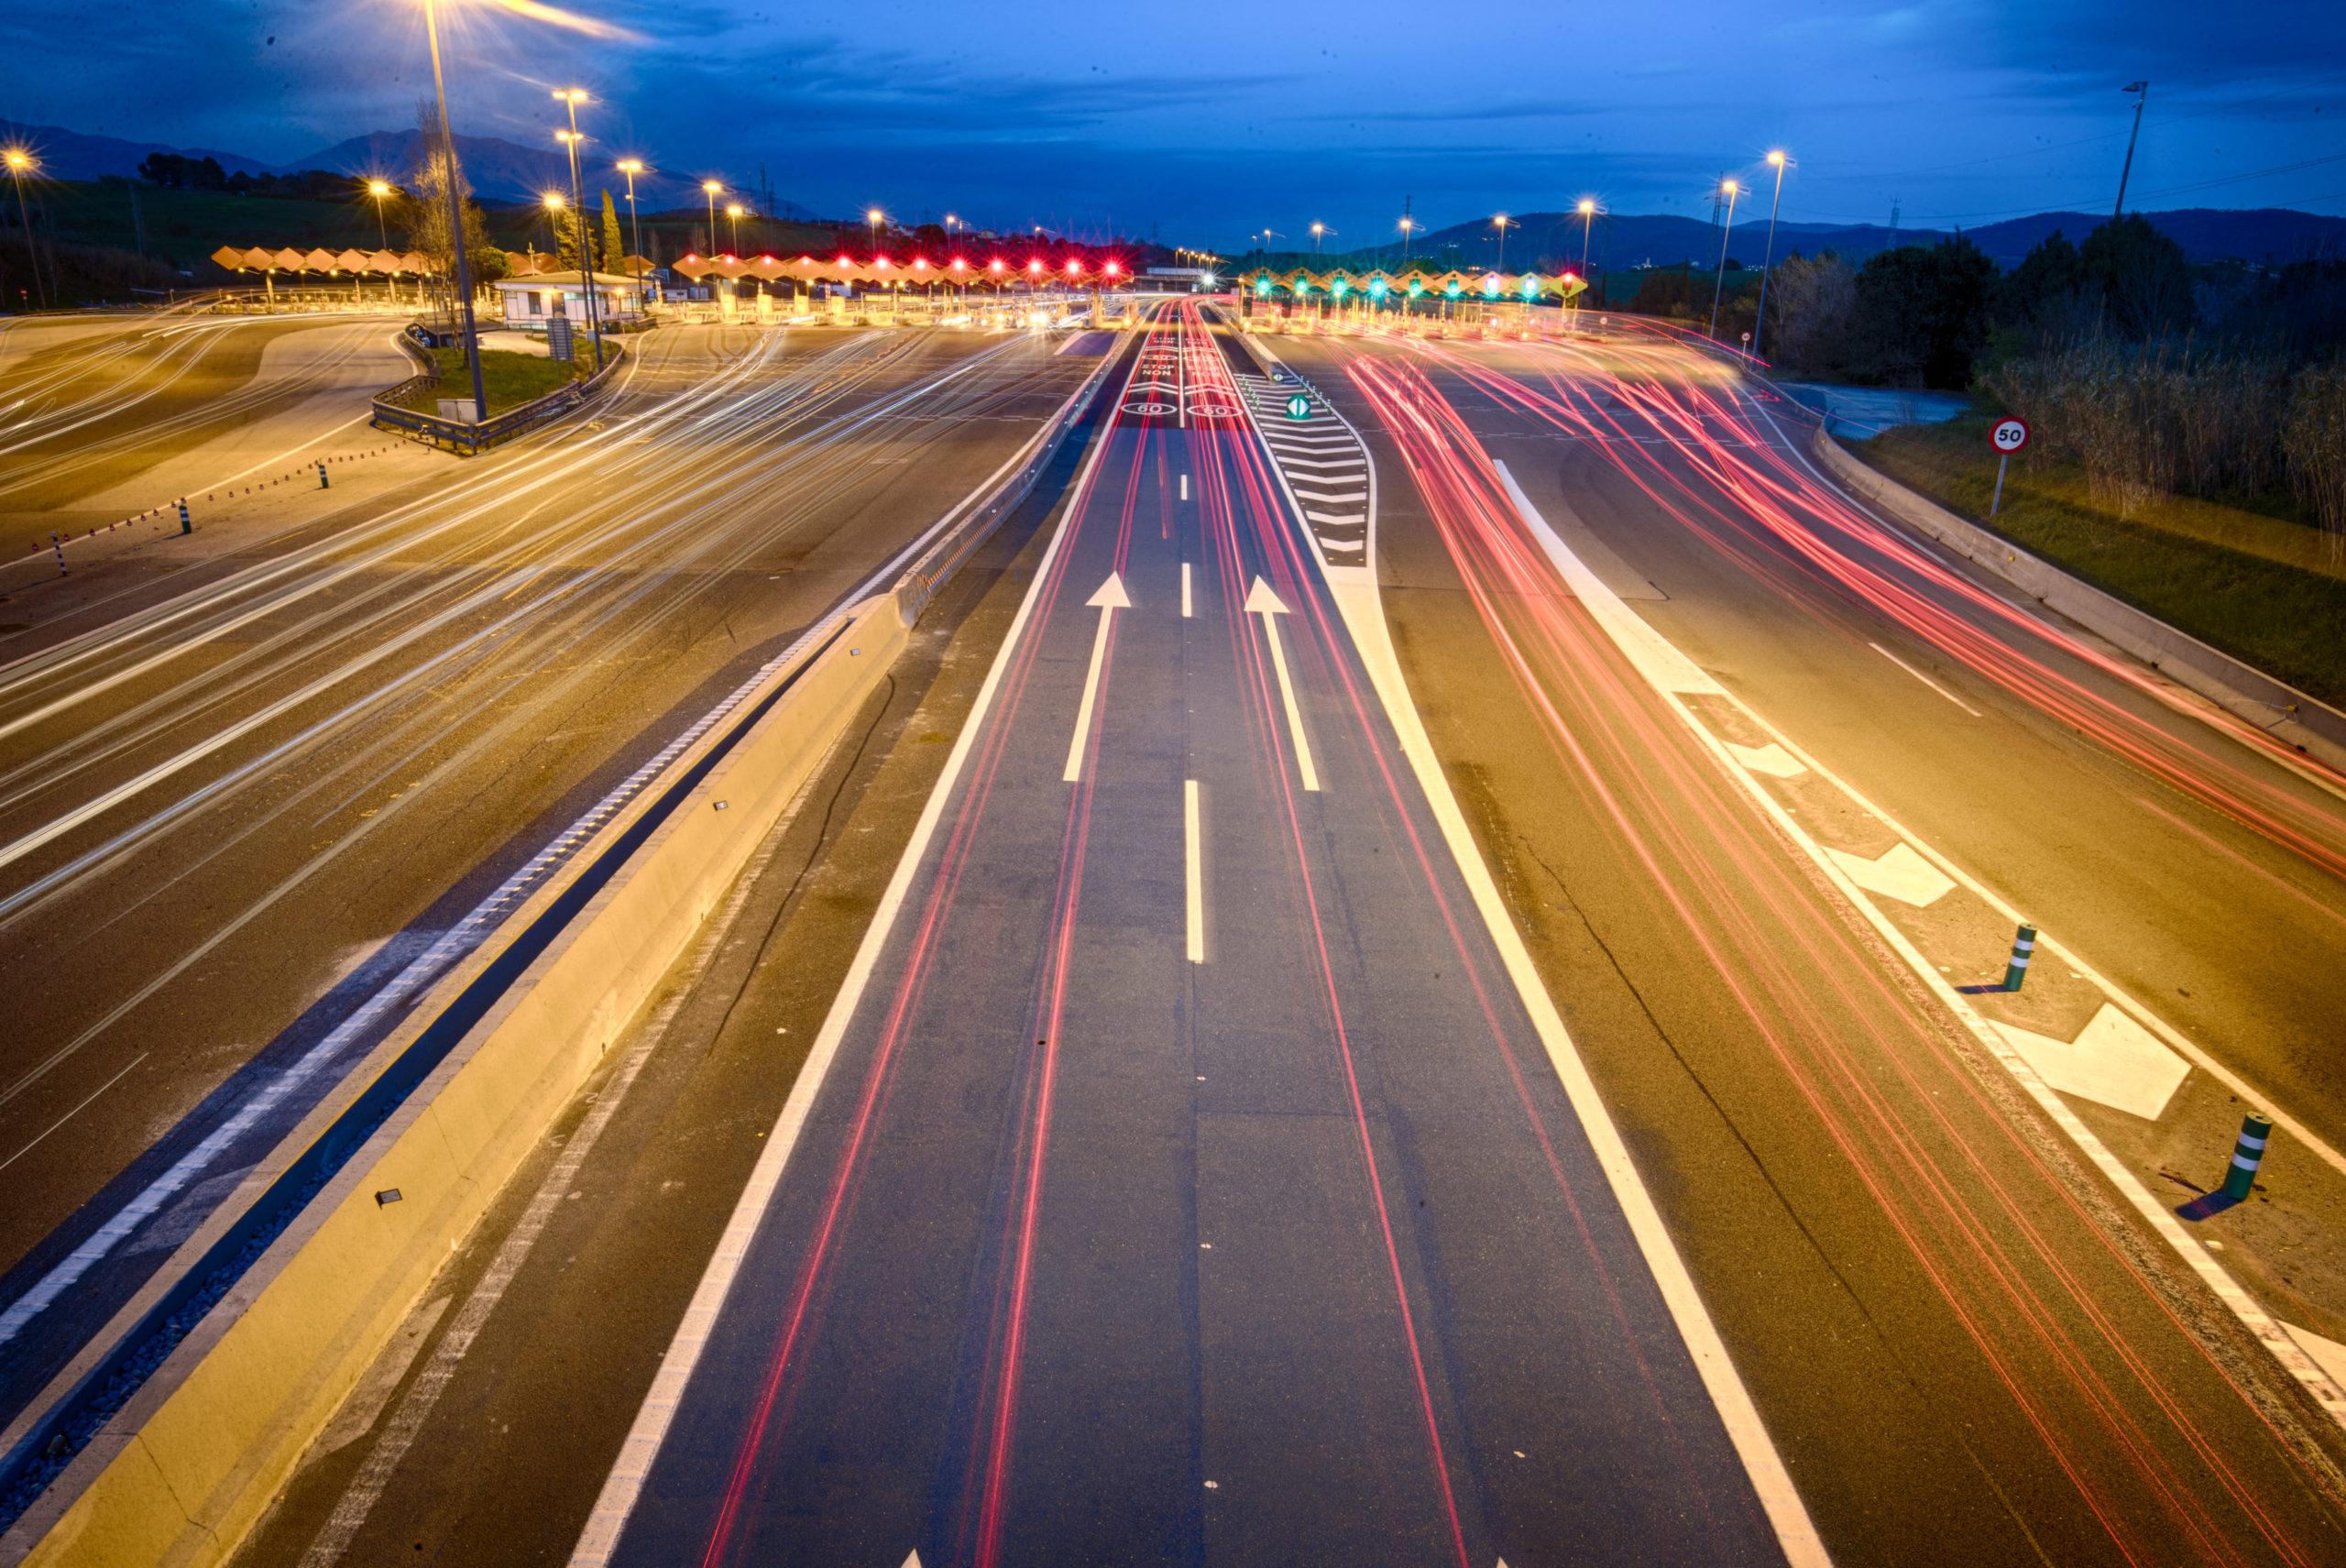 El defensor del Pueblo ha admitido a trámite la denuncia de FENADISMER contra la supresión de los descuentos en los peajes de la Ap7 y AP2 a los transportistas desde el 20 de abril.